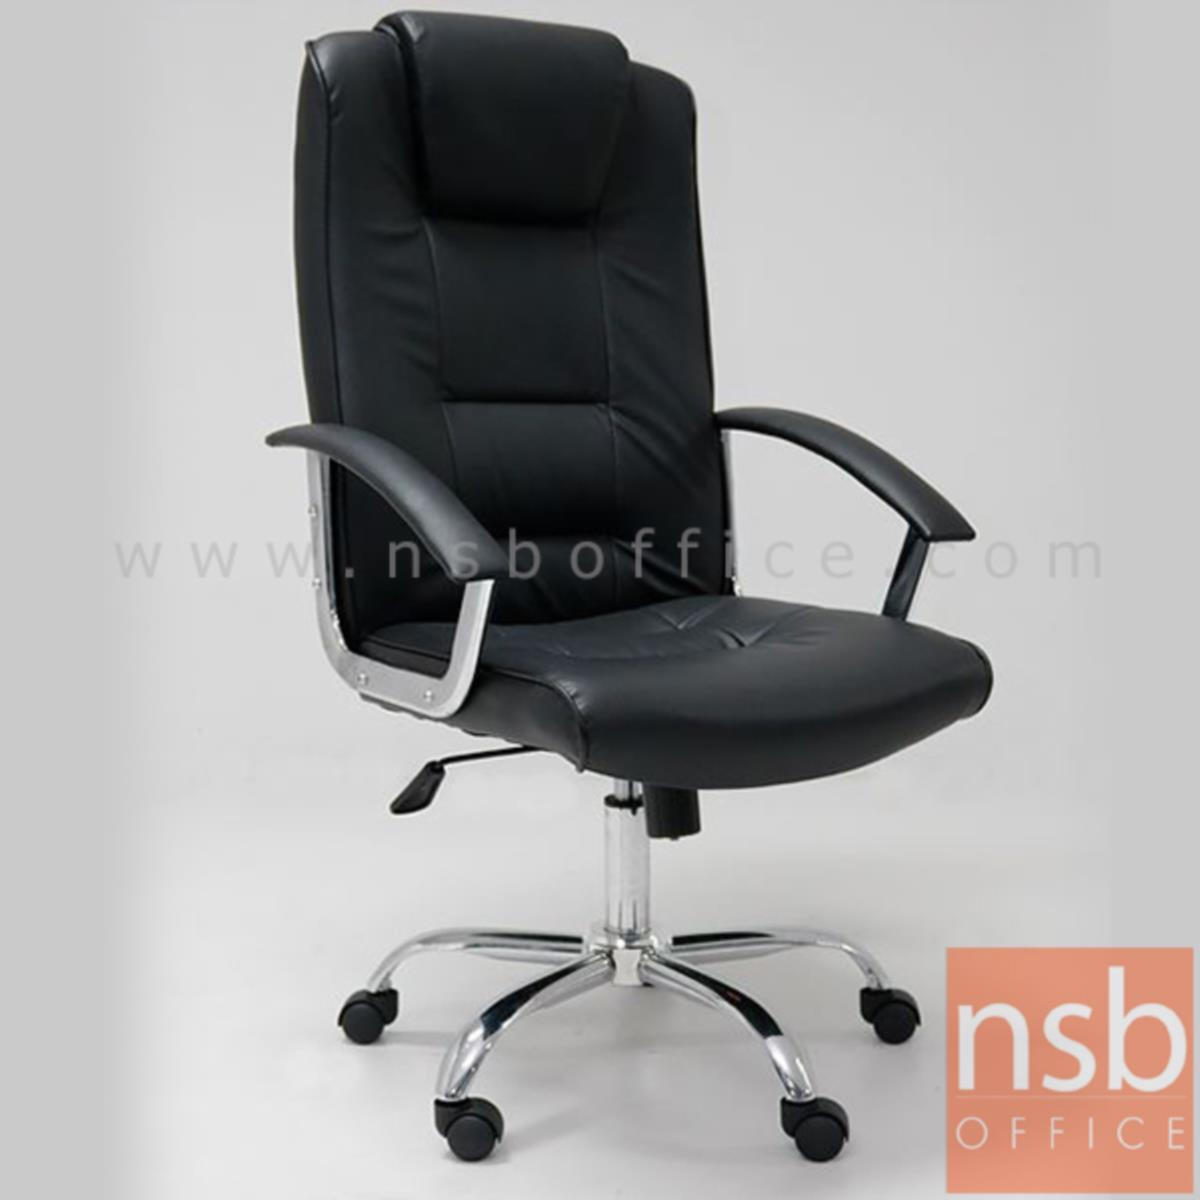 เก้าอี้ผู้บริหาร  รุ่น Minton (มินตัน)  โช๊คแก๊ส มีก้อนโยก ขาเหล็กชุบโครเมี่ยม